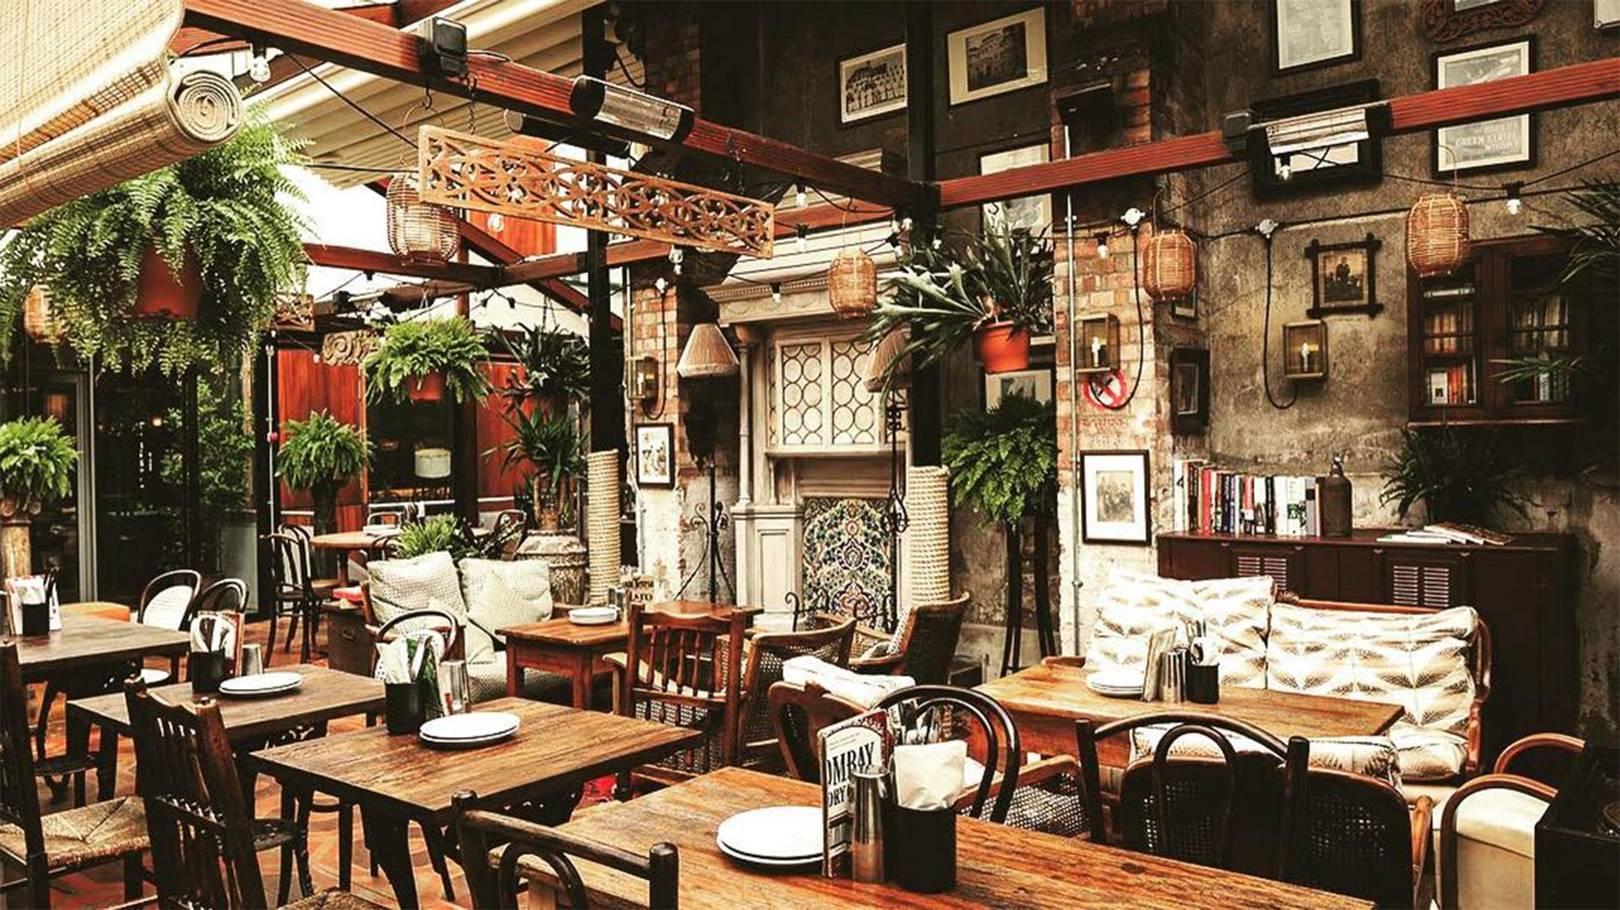 Best Alfresco Dining London | British Vogue